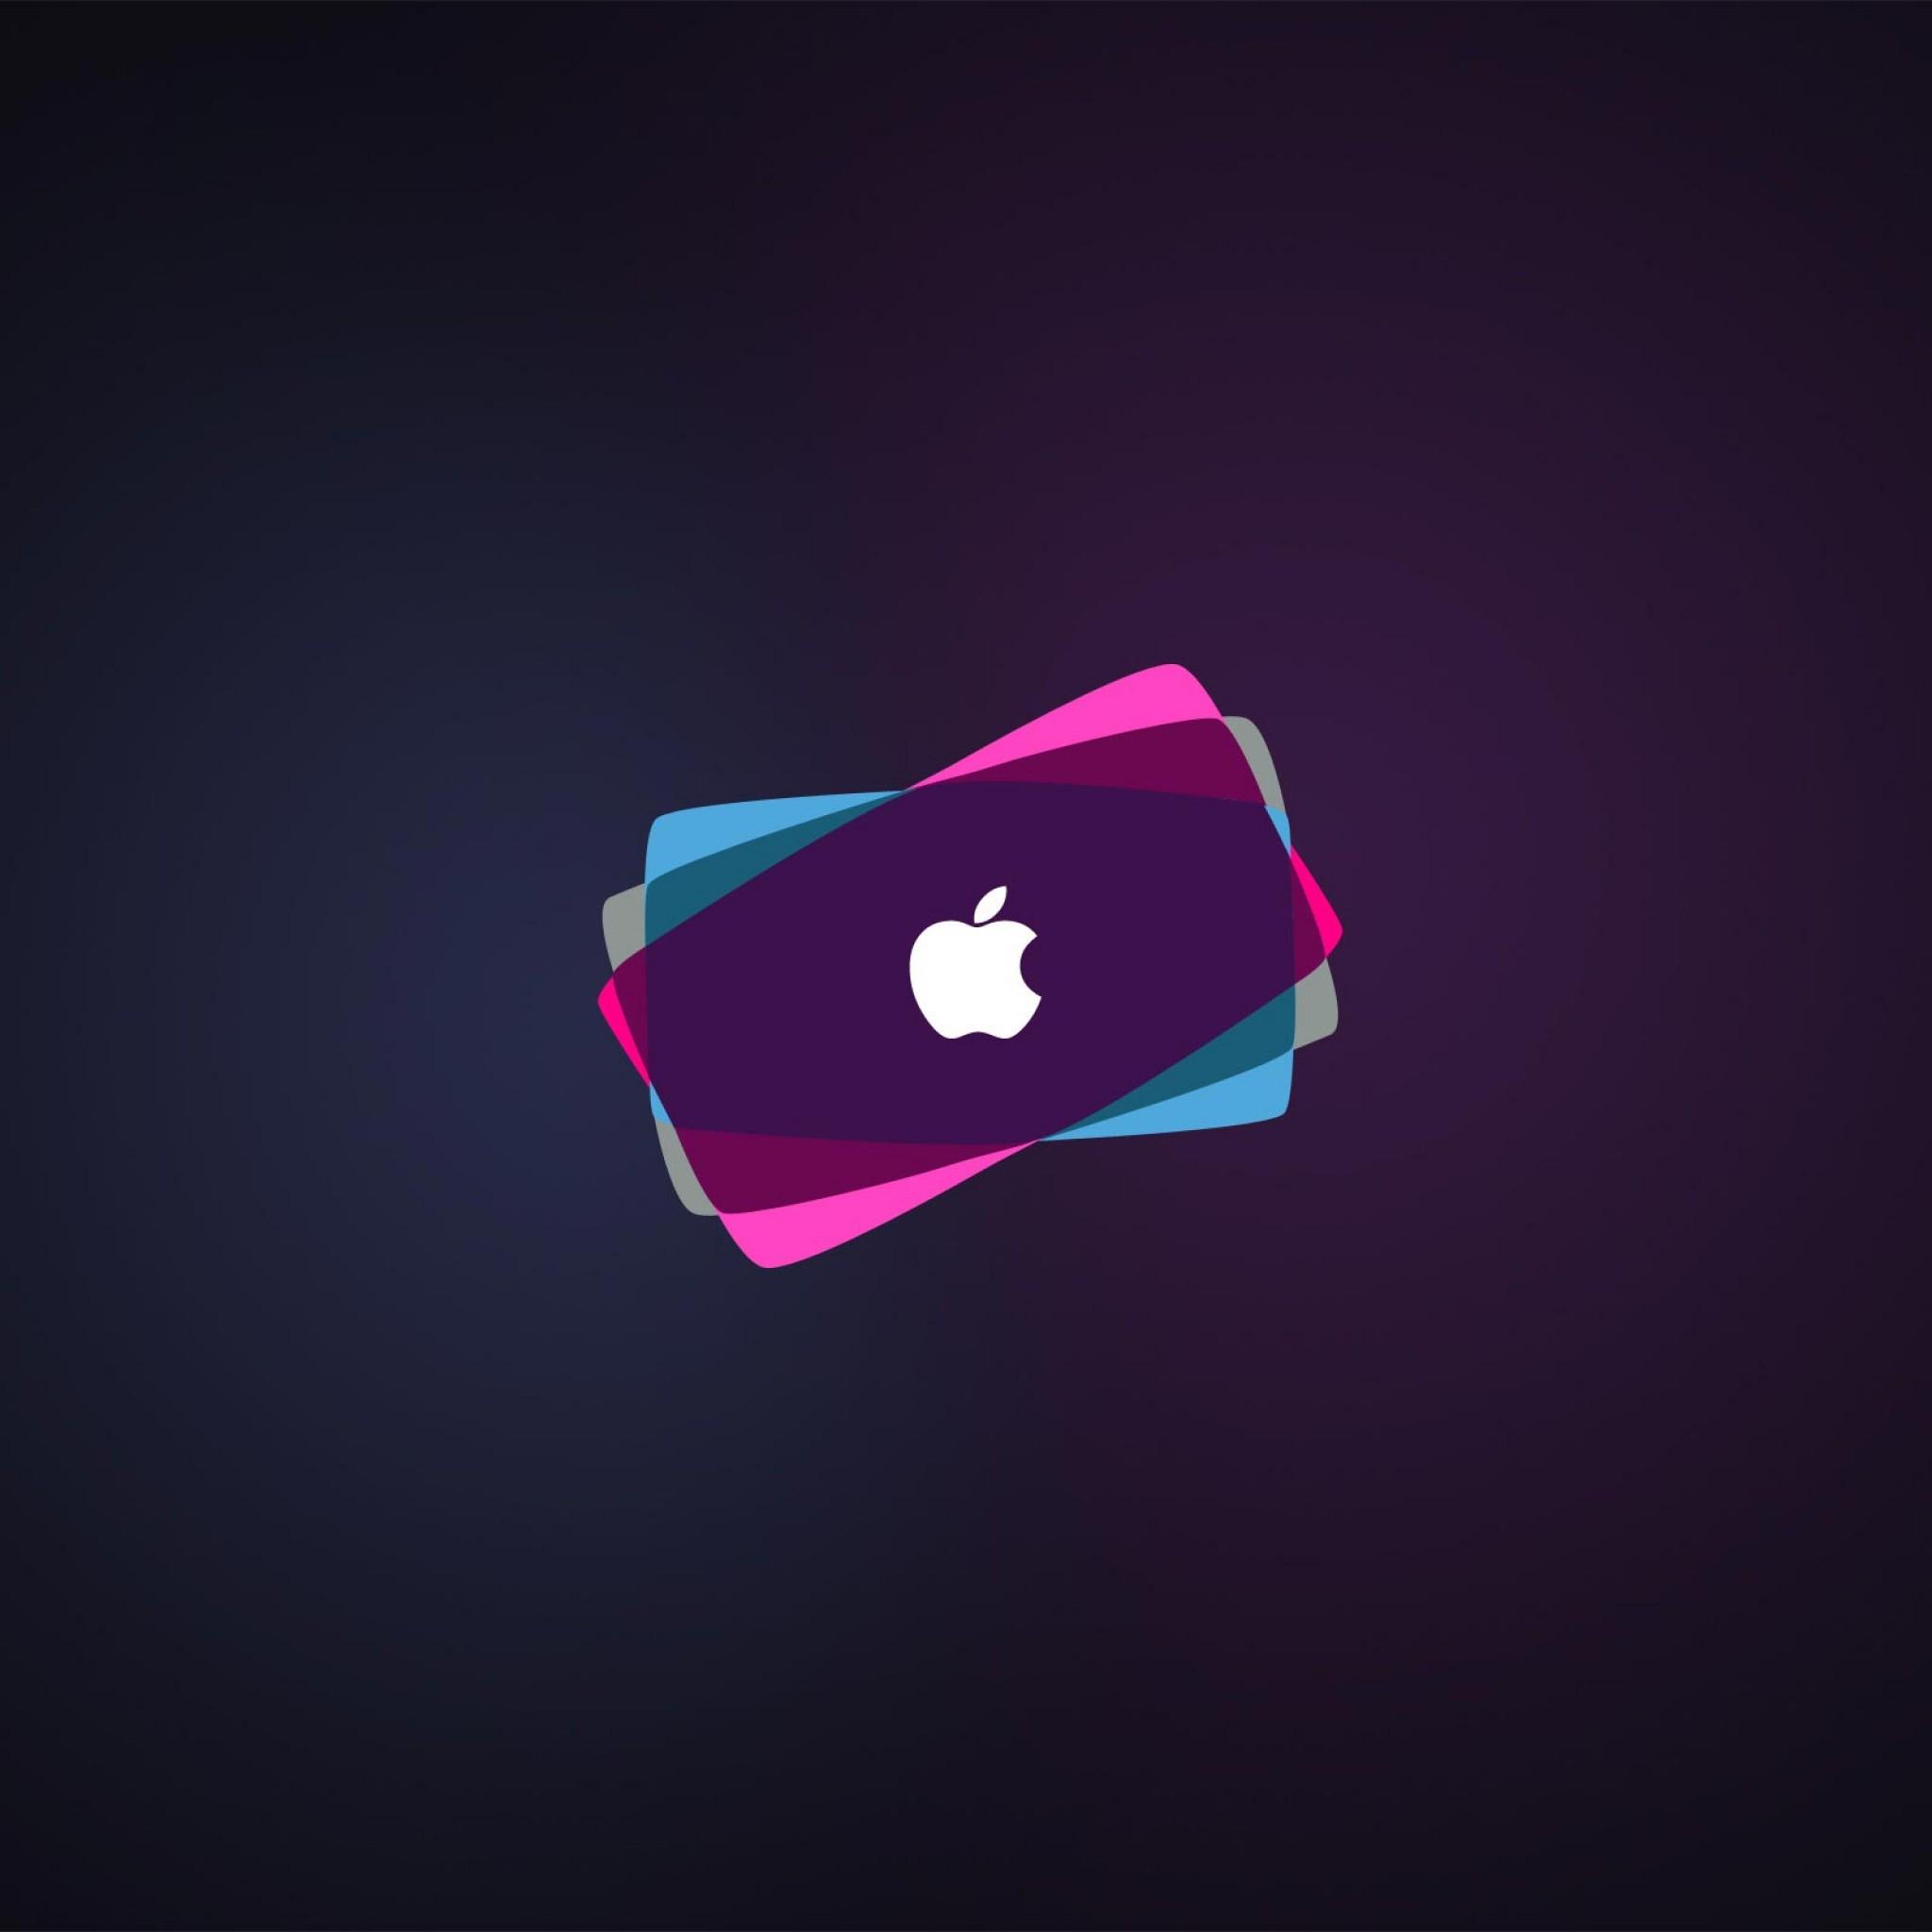 new apple wallpaper for ipads - wallpapersafari